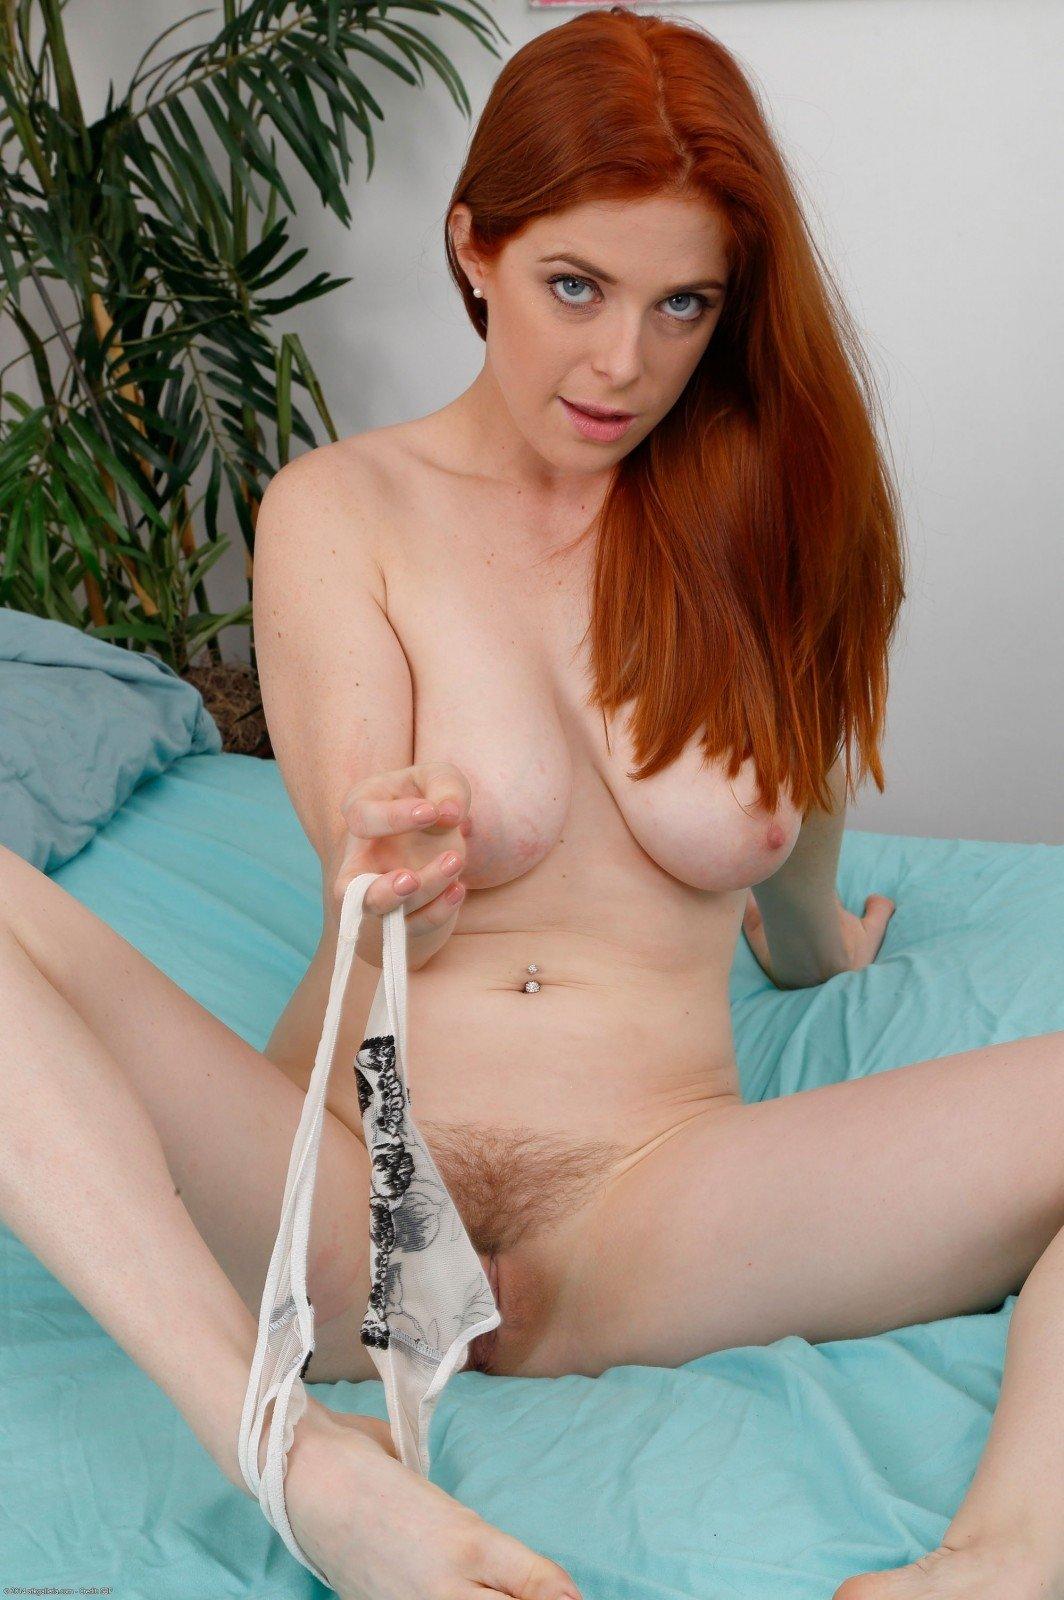 Жопа крупным планом - Порно фото галерея 1054833